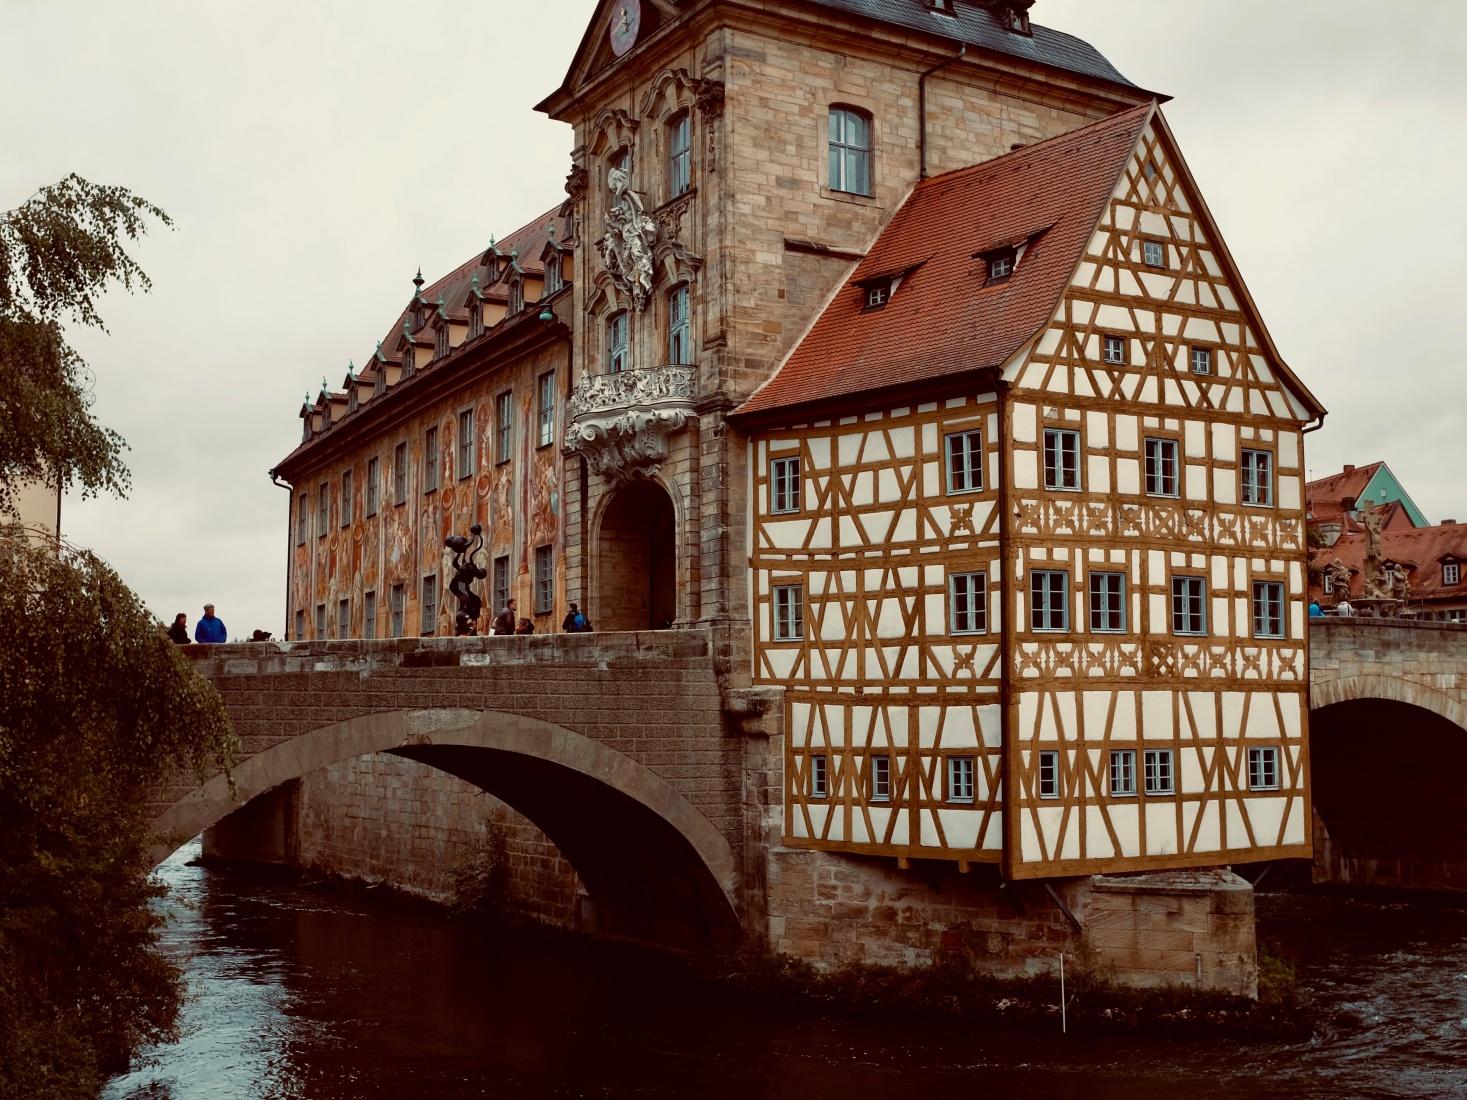 Bamberg, Germany, near the Main River.